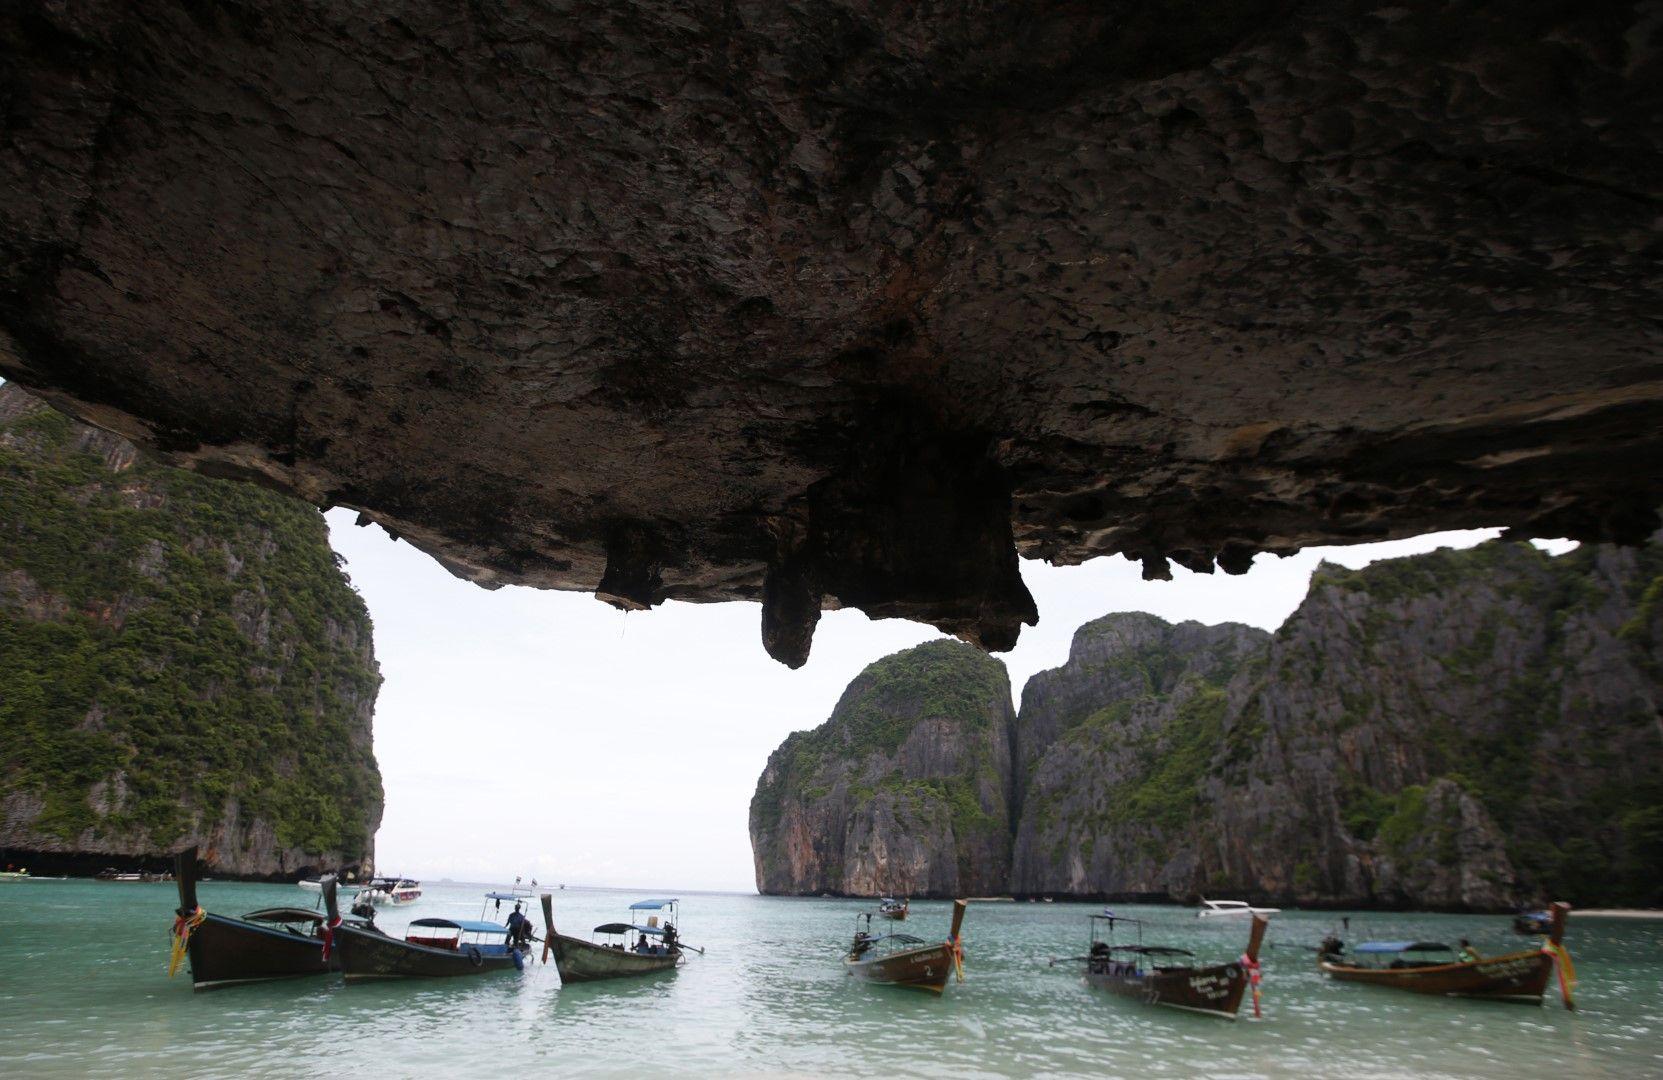 Забраната ще важи и за хора, и за лодки в зоната с корали на плажа